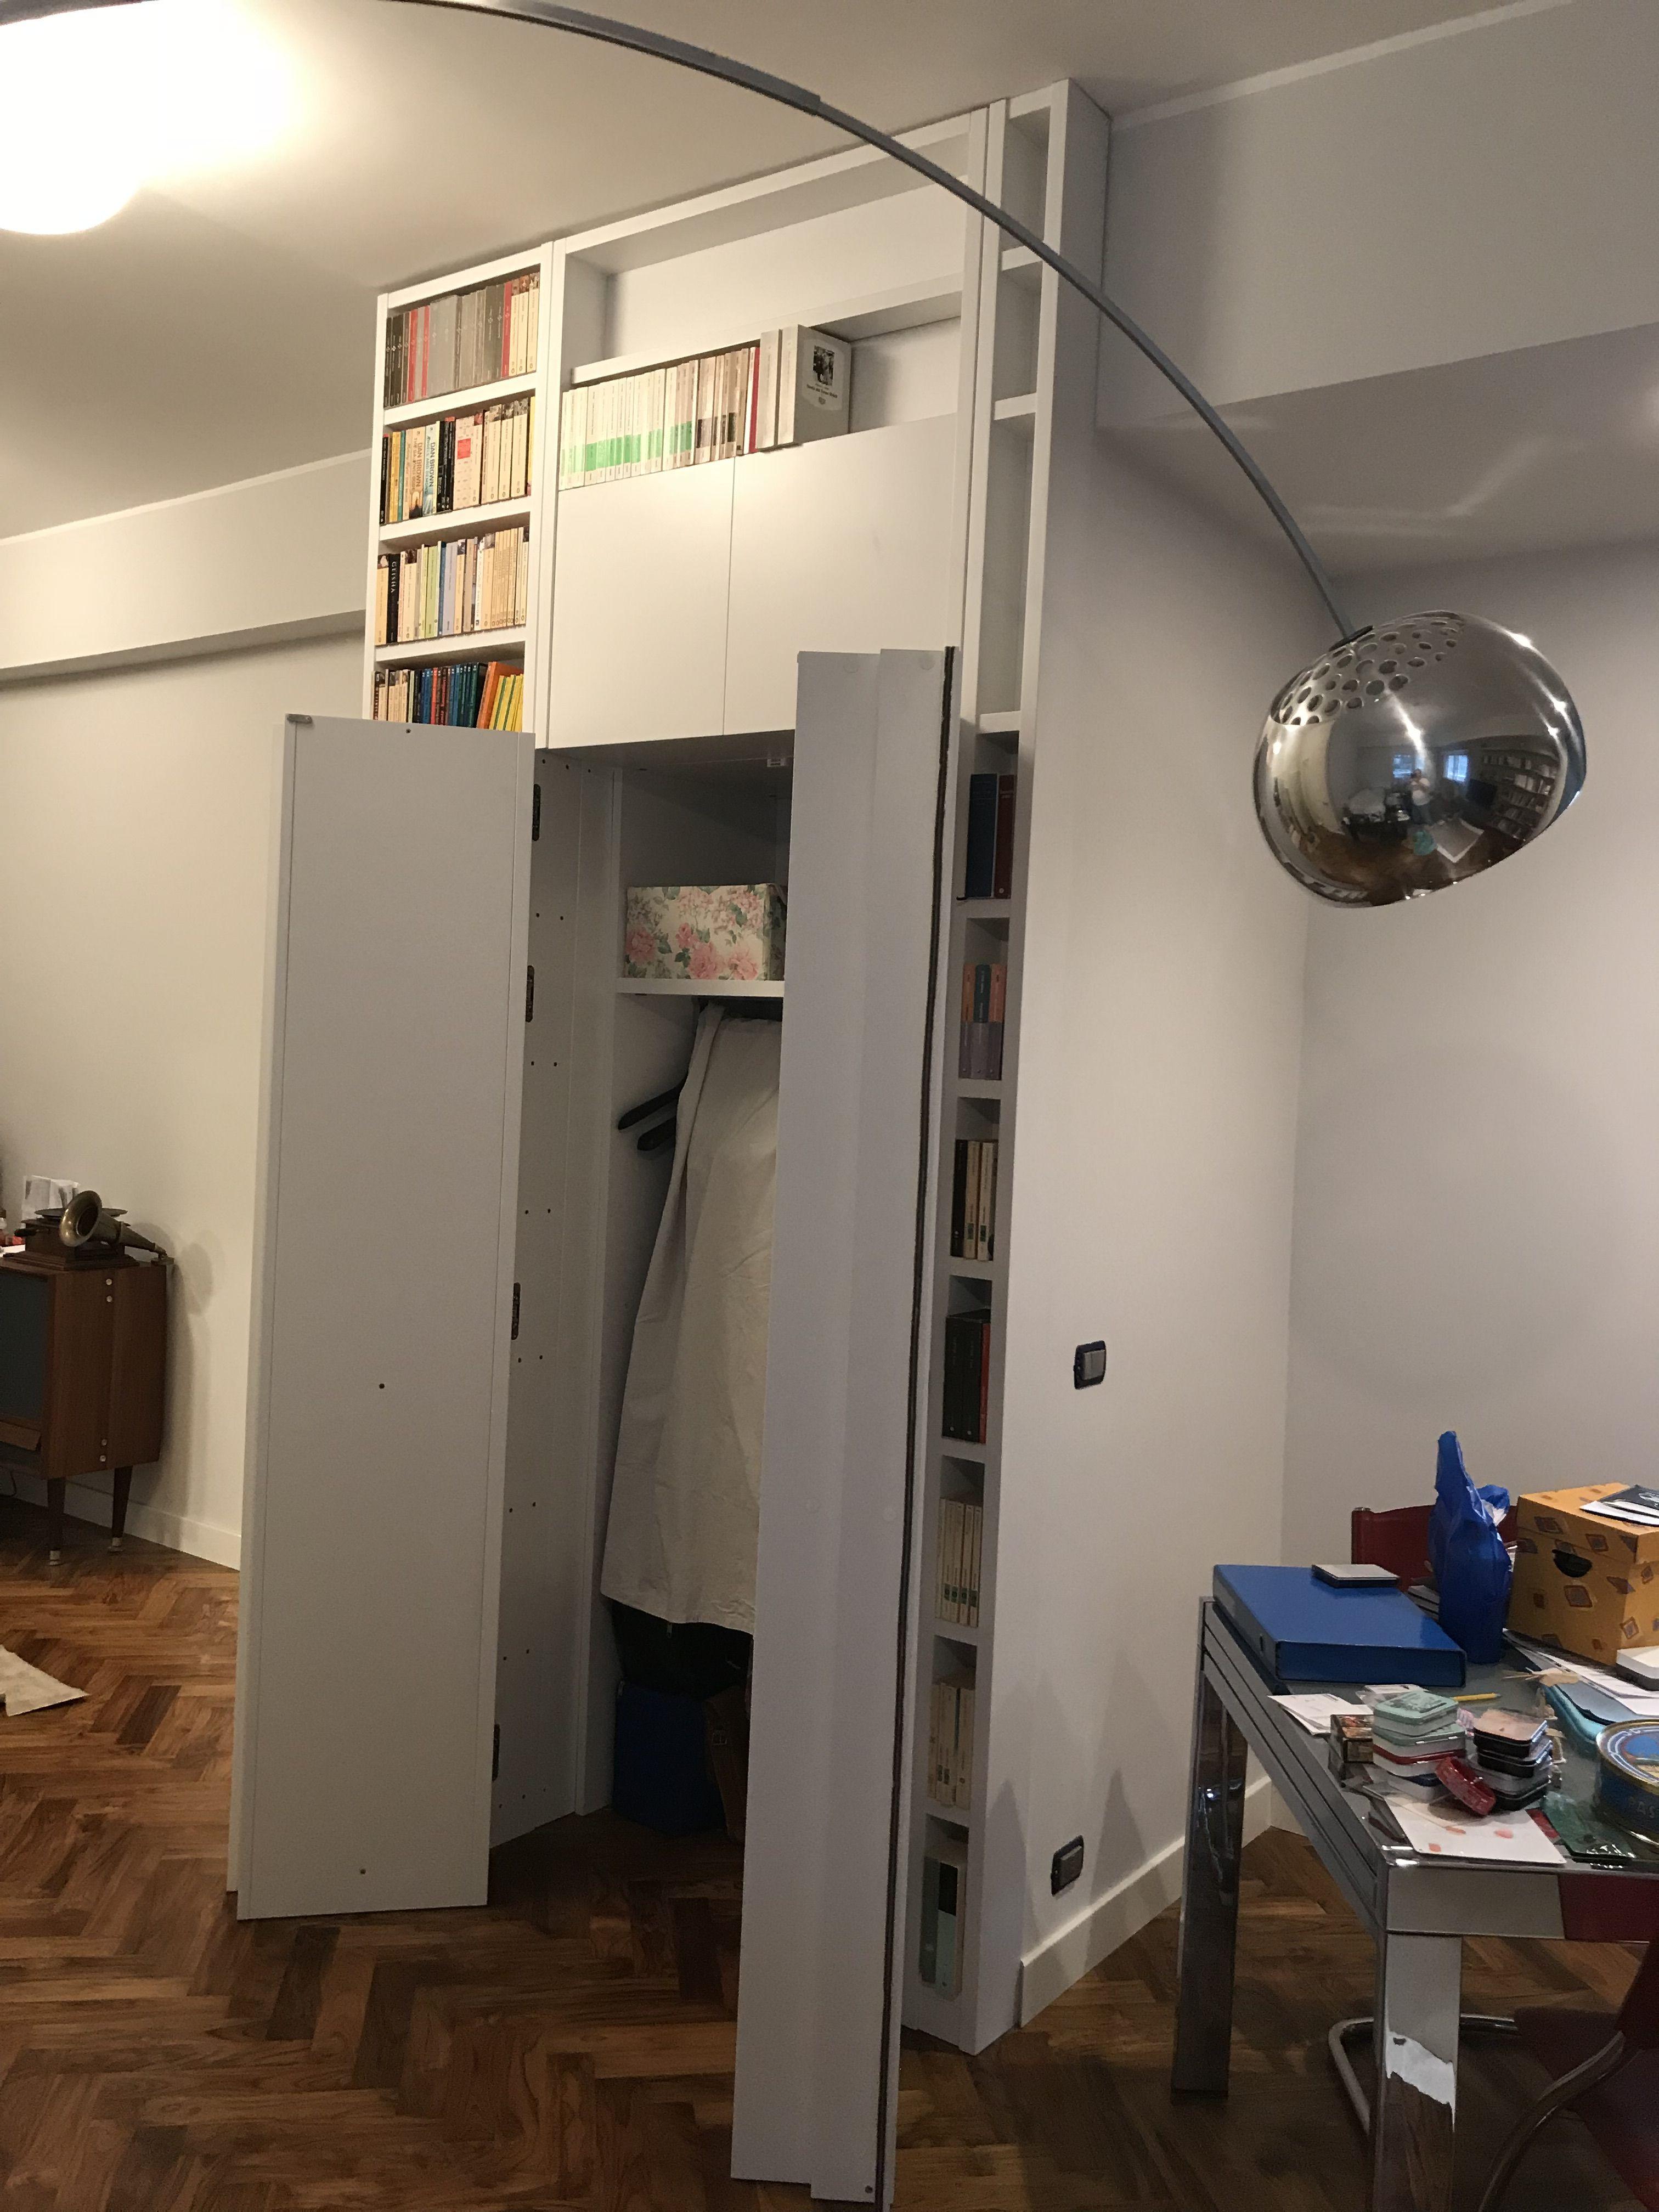 Libreria aperta con cabina armadio dietro Letti bassi